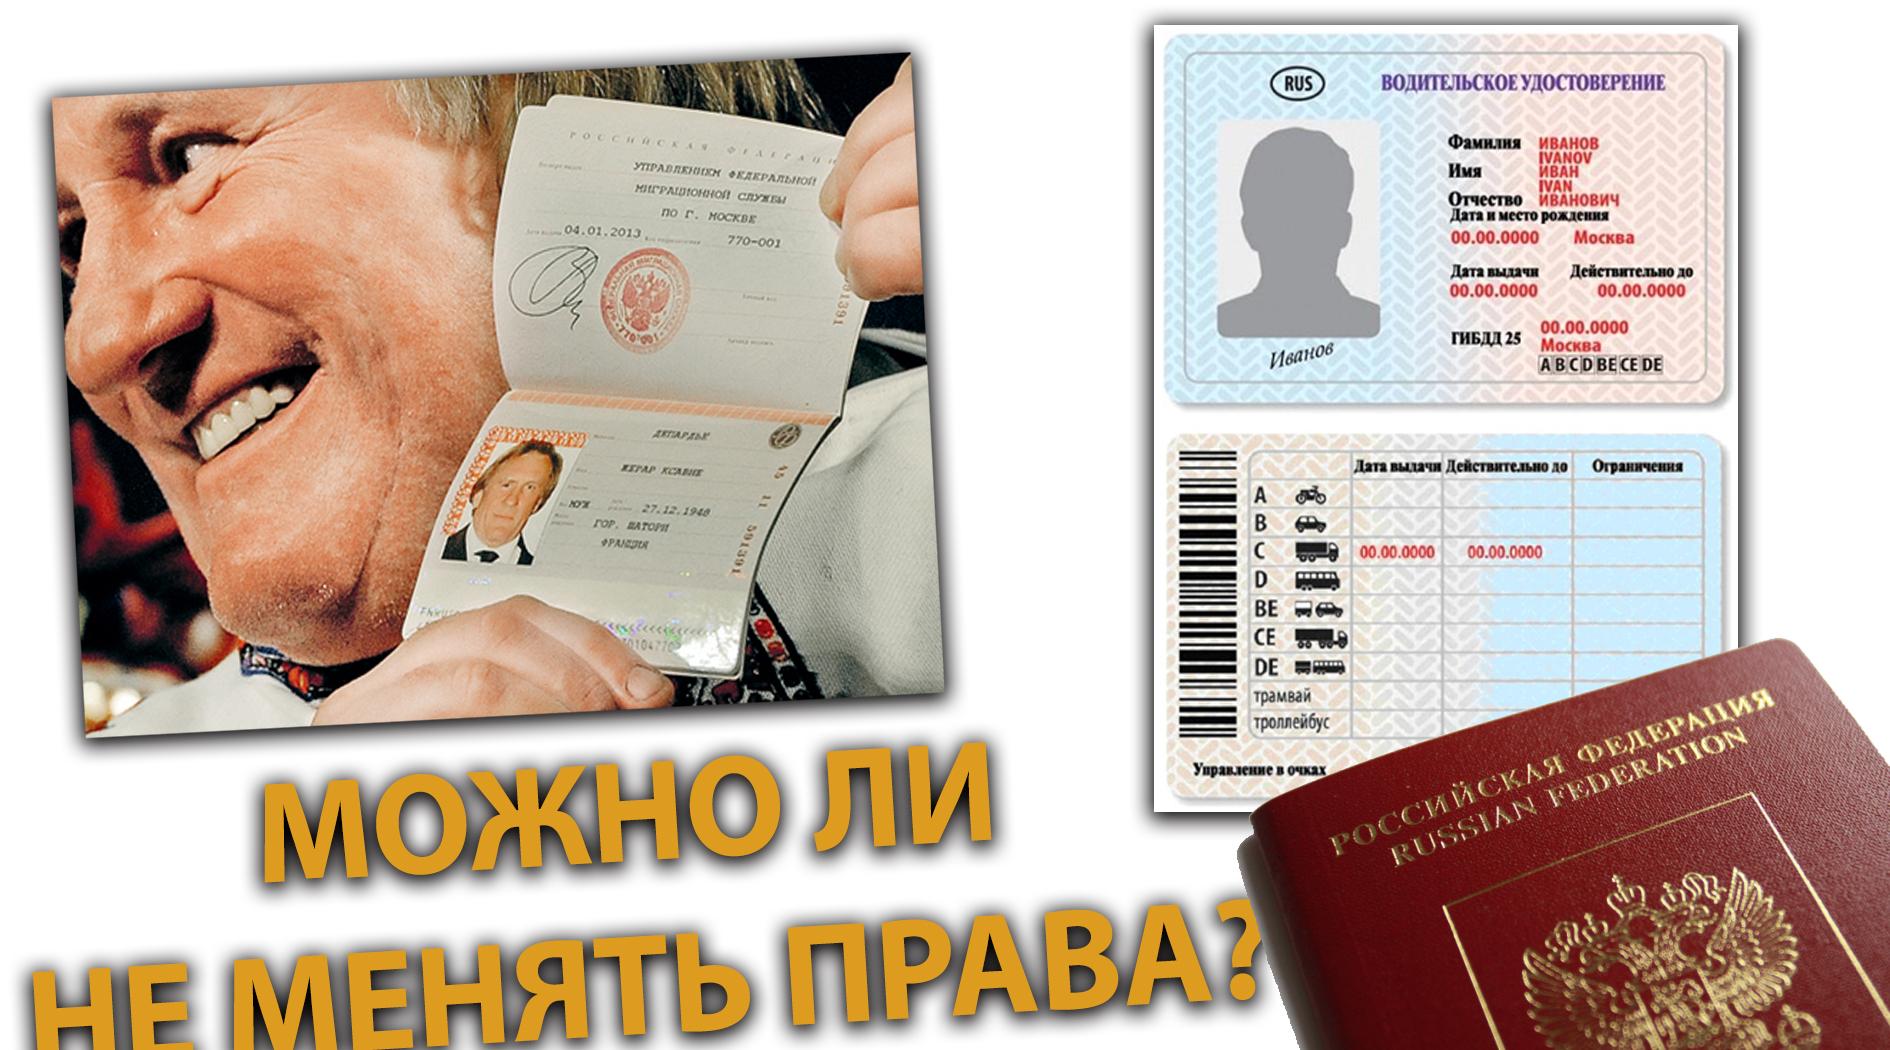 Есть административный штраш за несоивременно замены прав по изменении фамилии 2020